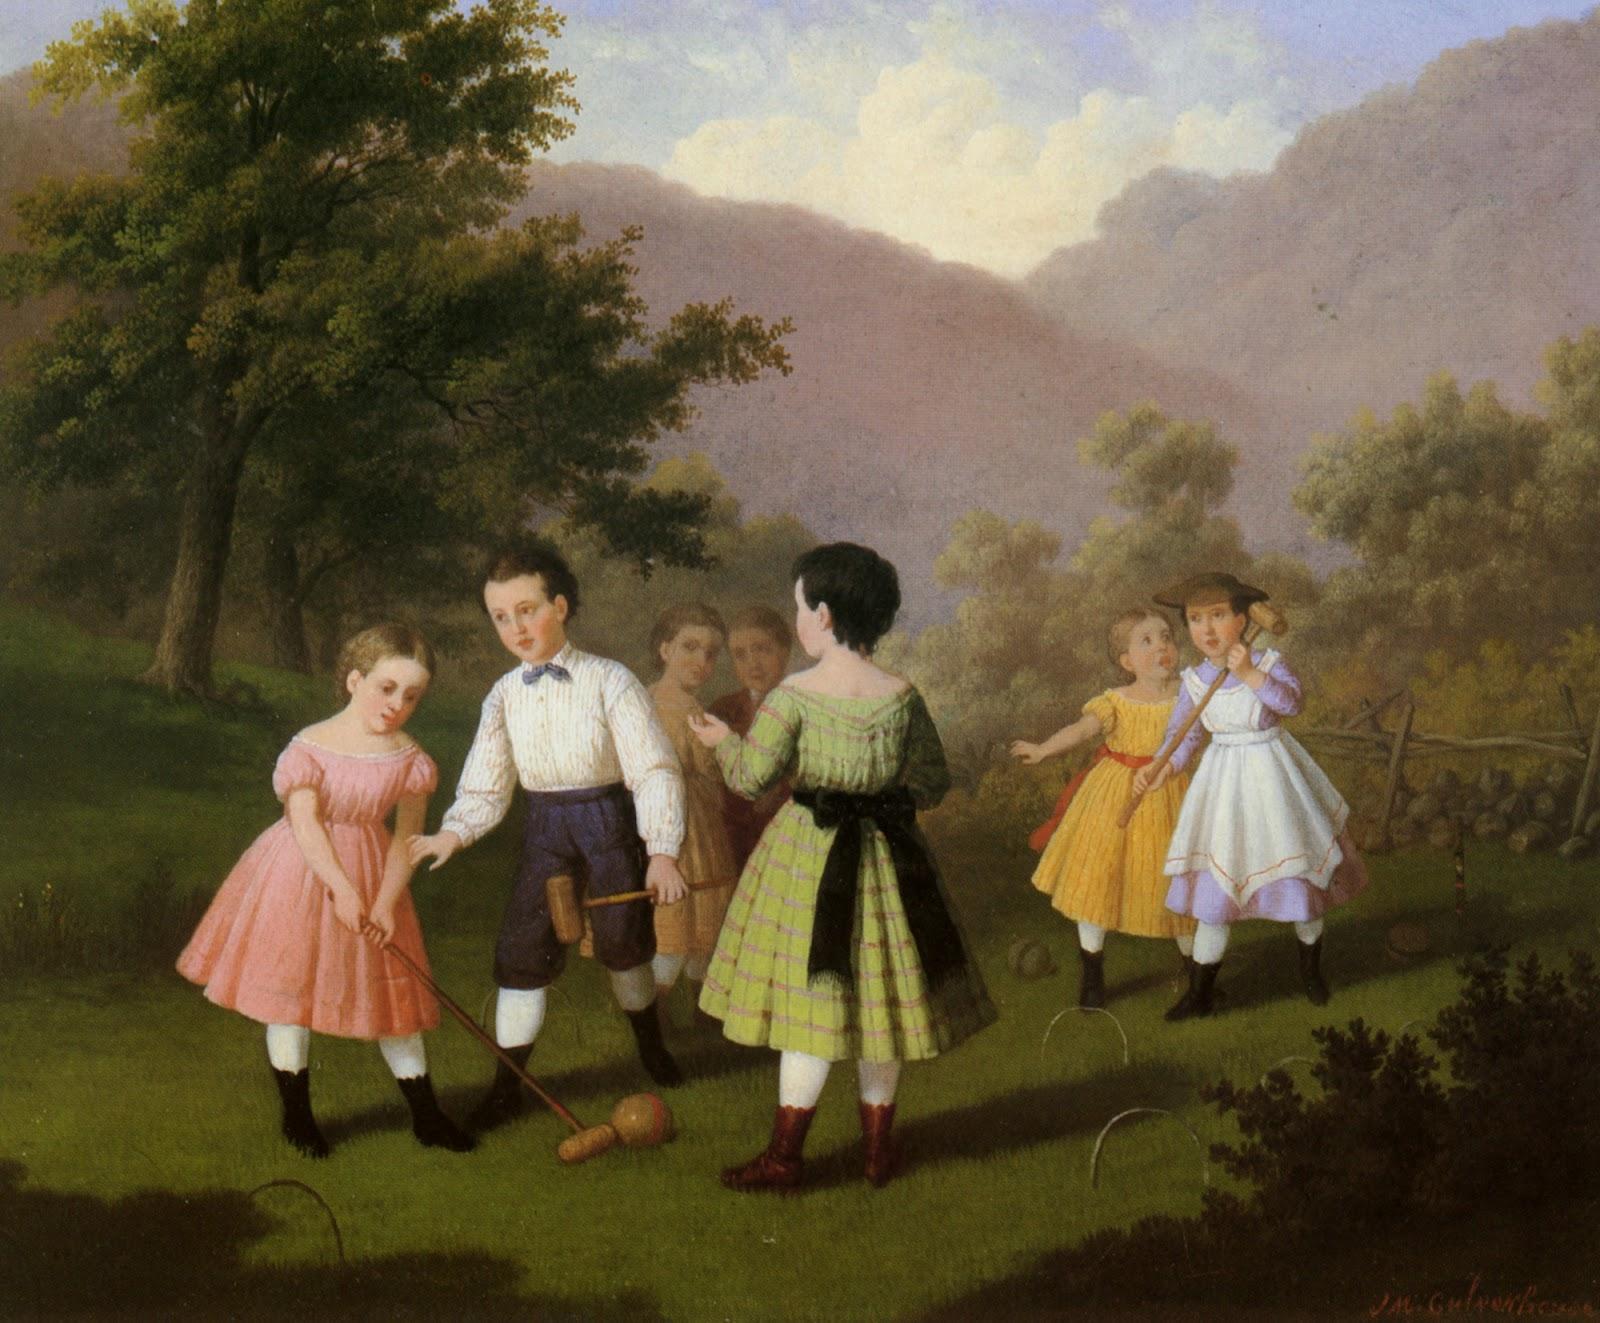 http://4.bp.blogspot.com/-Qoyf3mGkAzg/UEdyU1HhyzI/AAAAAAABGq0/Ik3Vdo0AaZ0/s1600/1c+Johann+Mongles+Culverhouse+(Holland-born+American+painter,+1825+-+1895)+Croquet.jpg